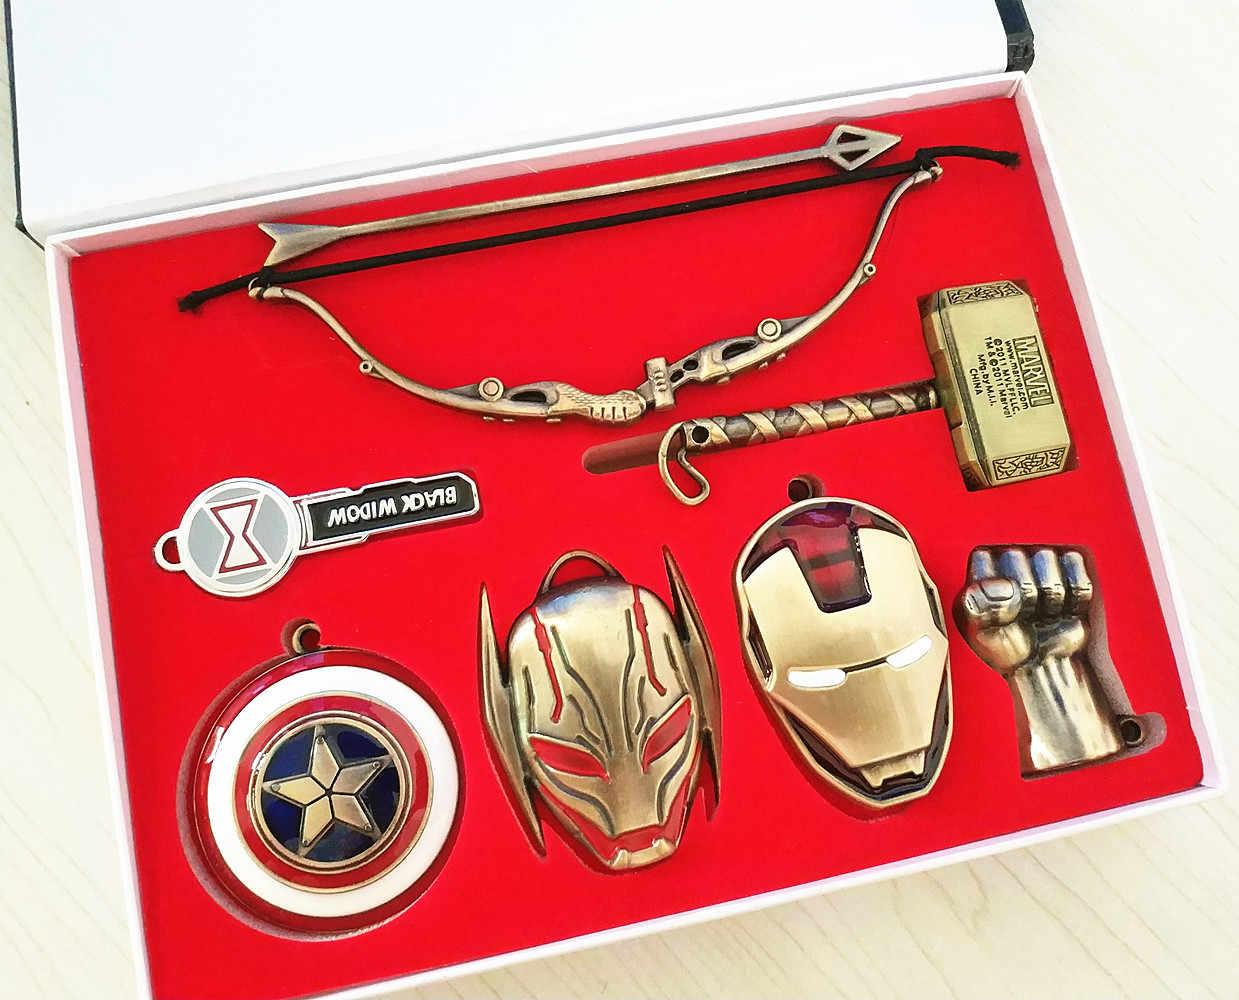 Siêu Anh Hùng Marvel Spider Man Người Sắt vũ khí Di Động Dây Chuyền Móc Chìa Khóa Móc Khóa Vòng Cổ Kim Loại Mặt Dây Chuyền Chìa Cosplay